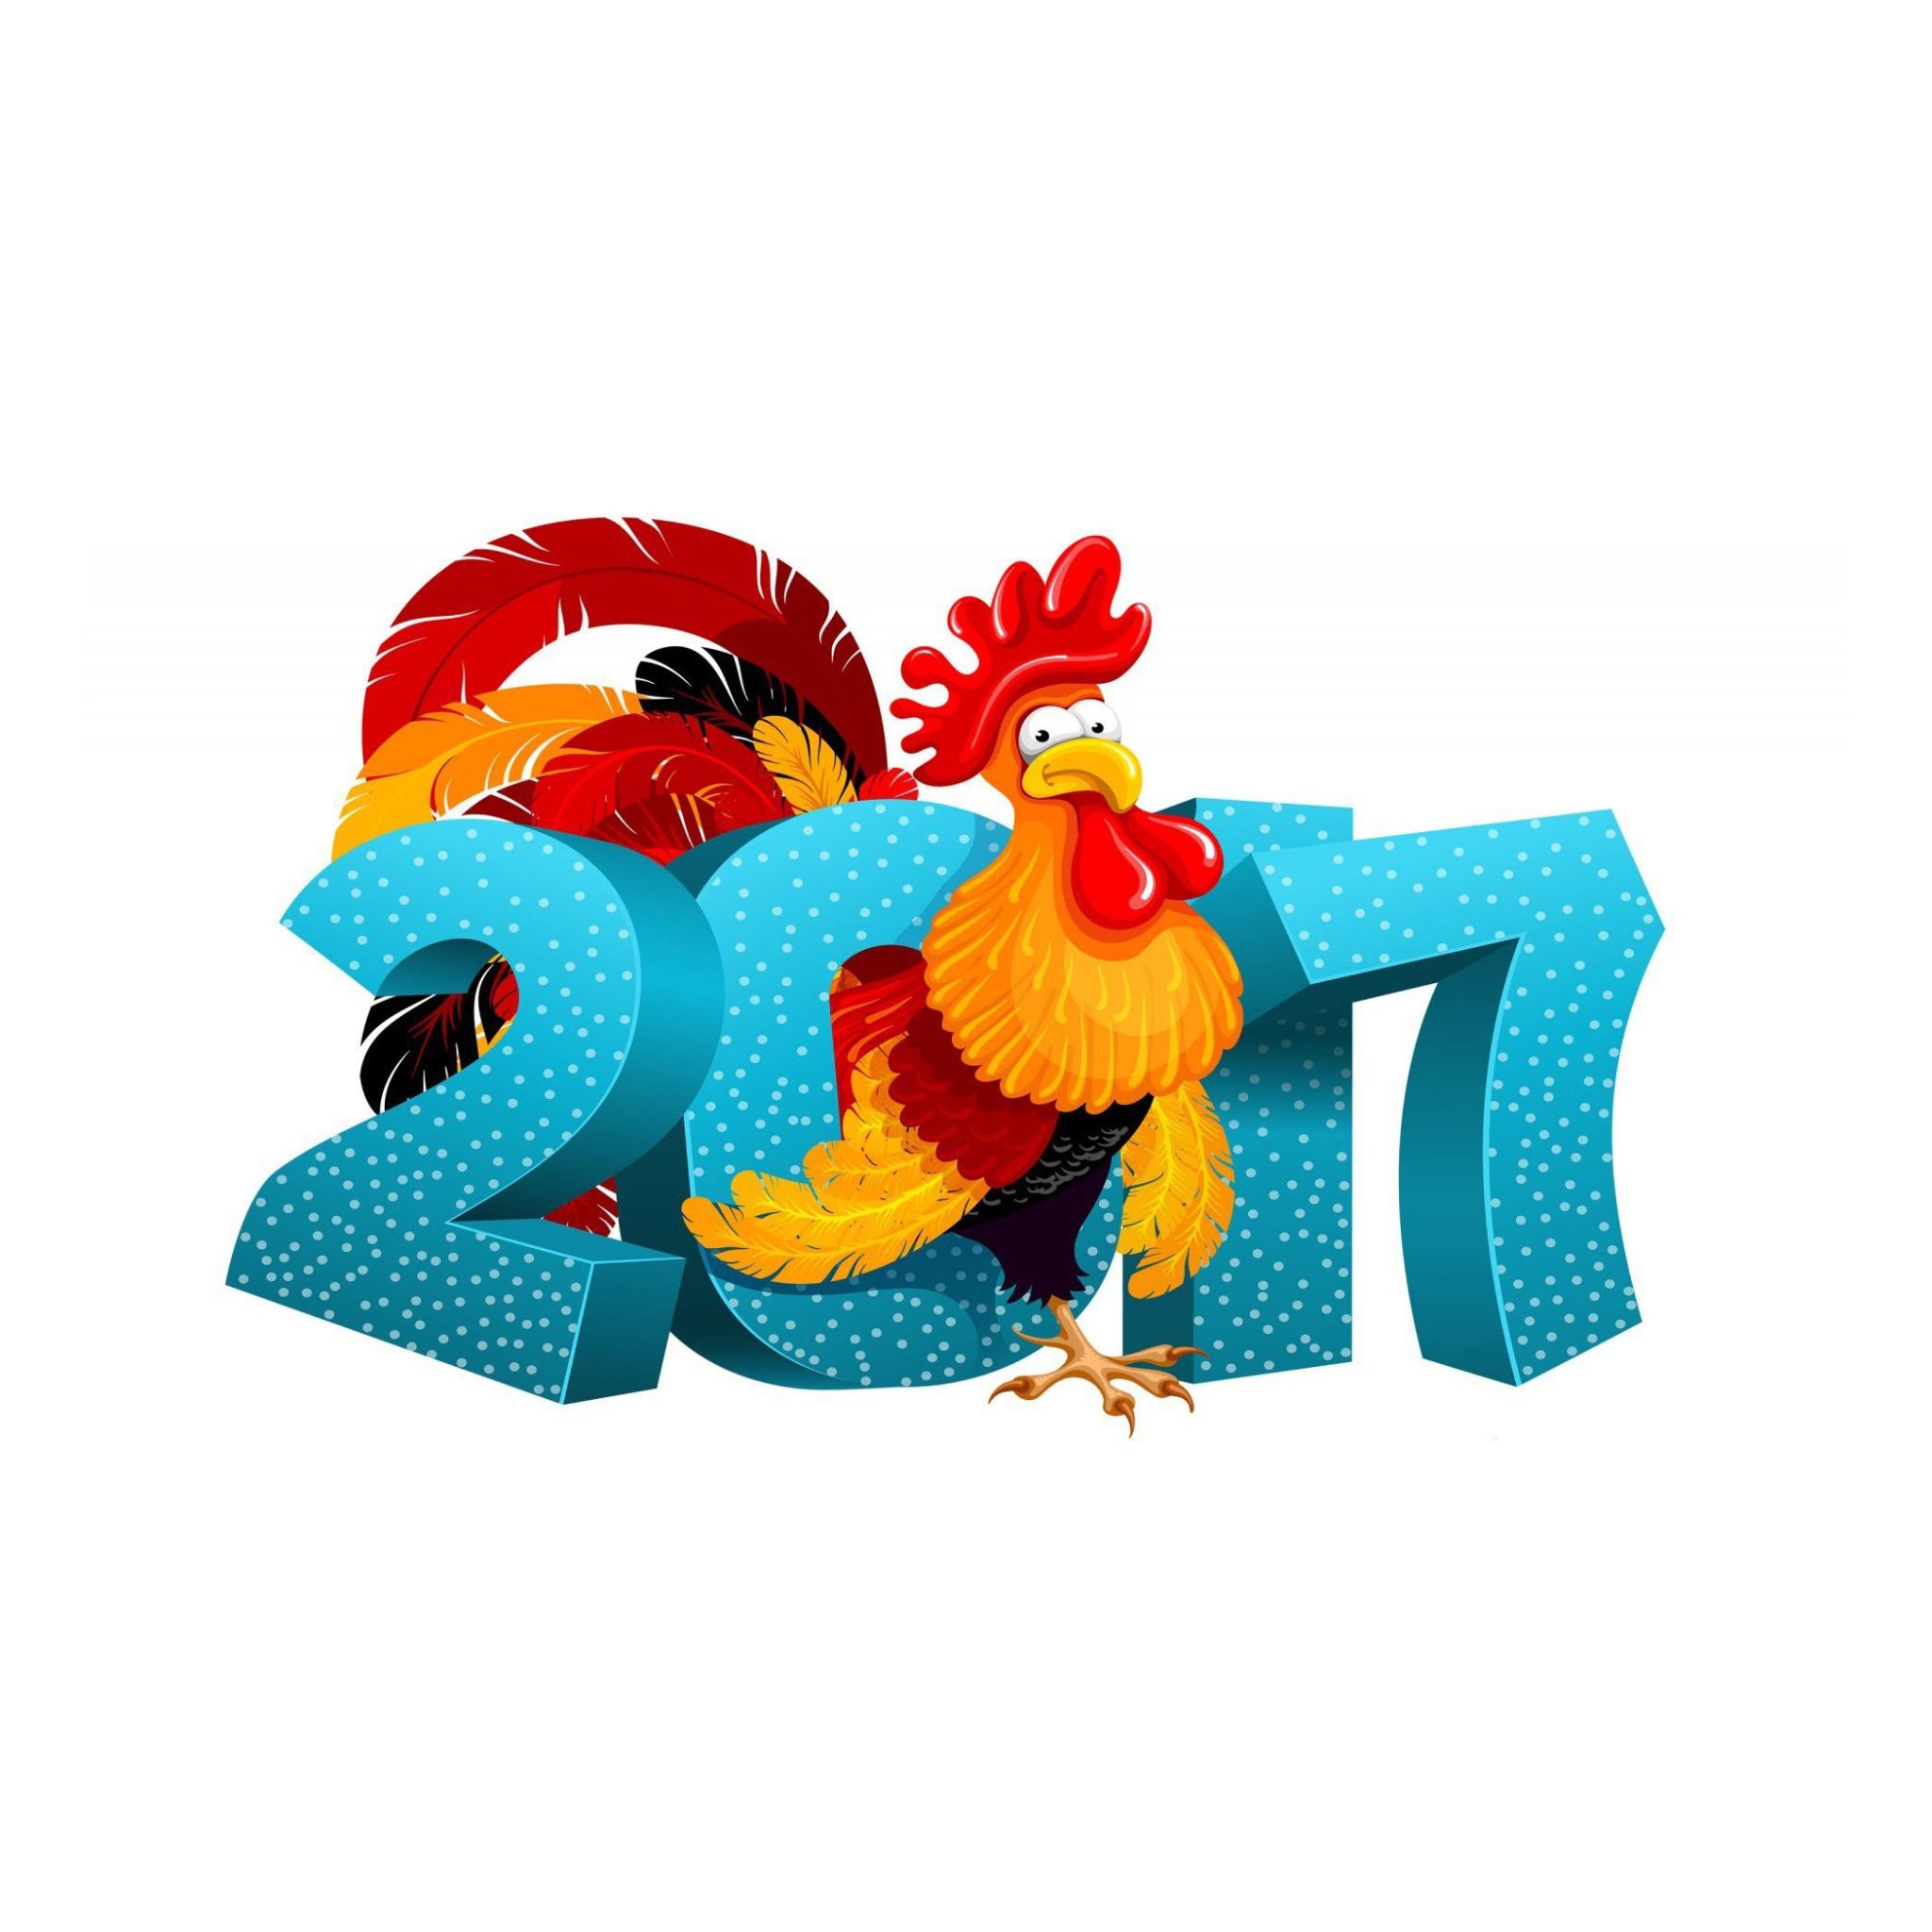 С новым годом всех 2017 открытки, смешные картинки картинки